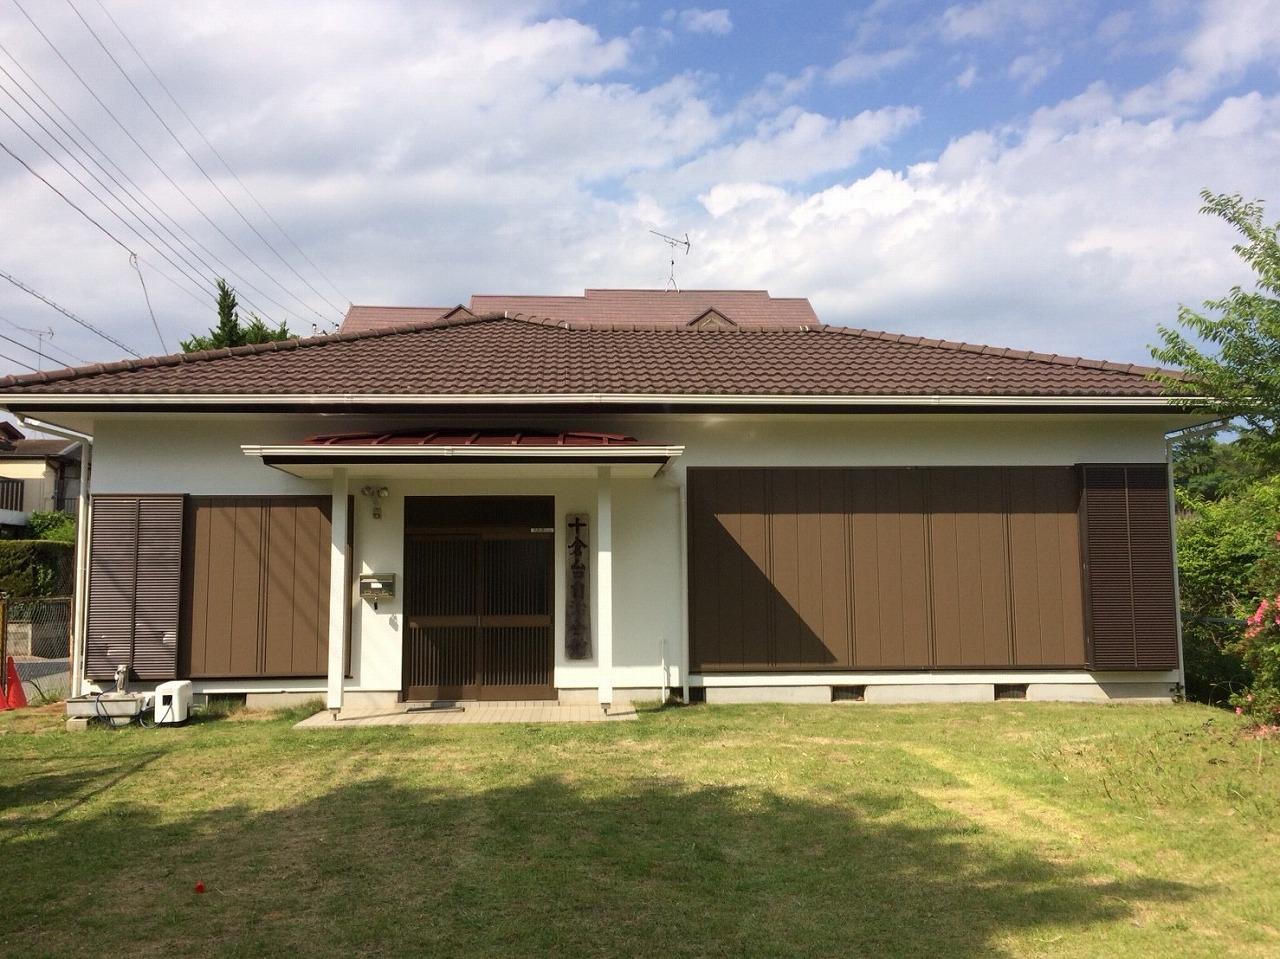 千葉県富里市「集会所」 外壁塗装・リフォーム工事が完成しました!